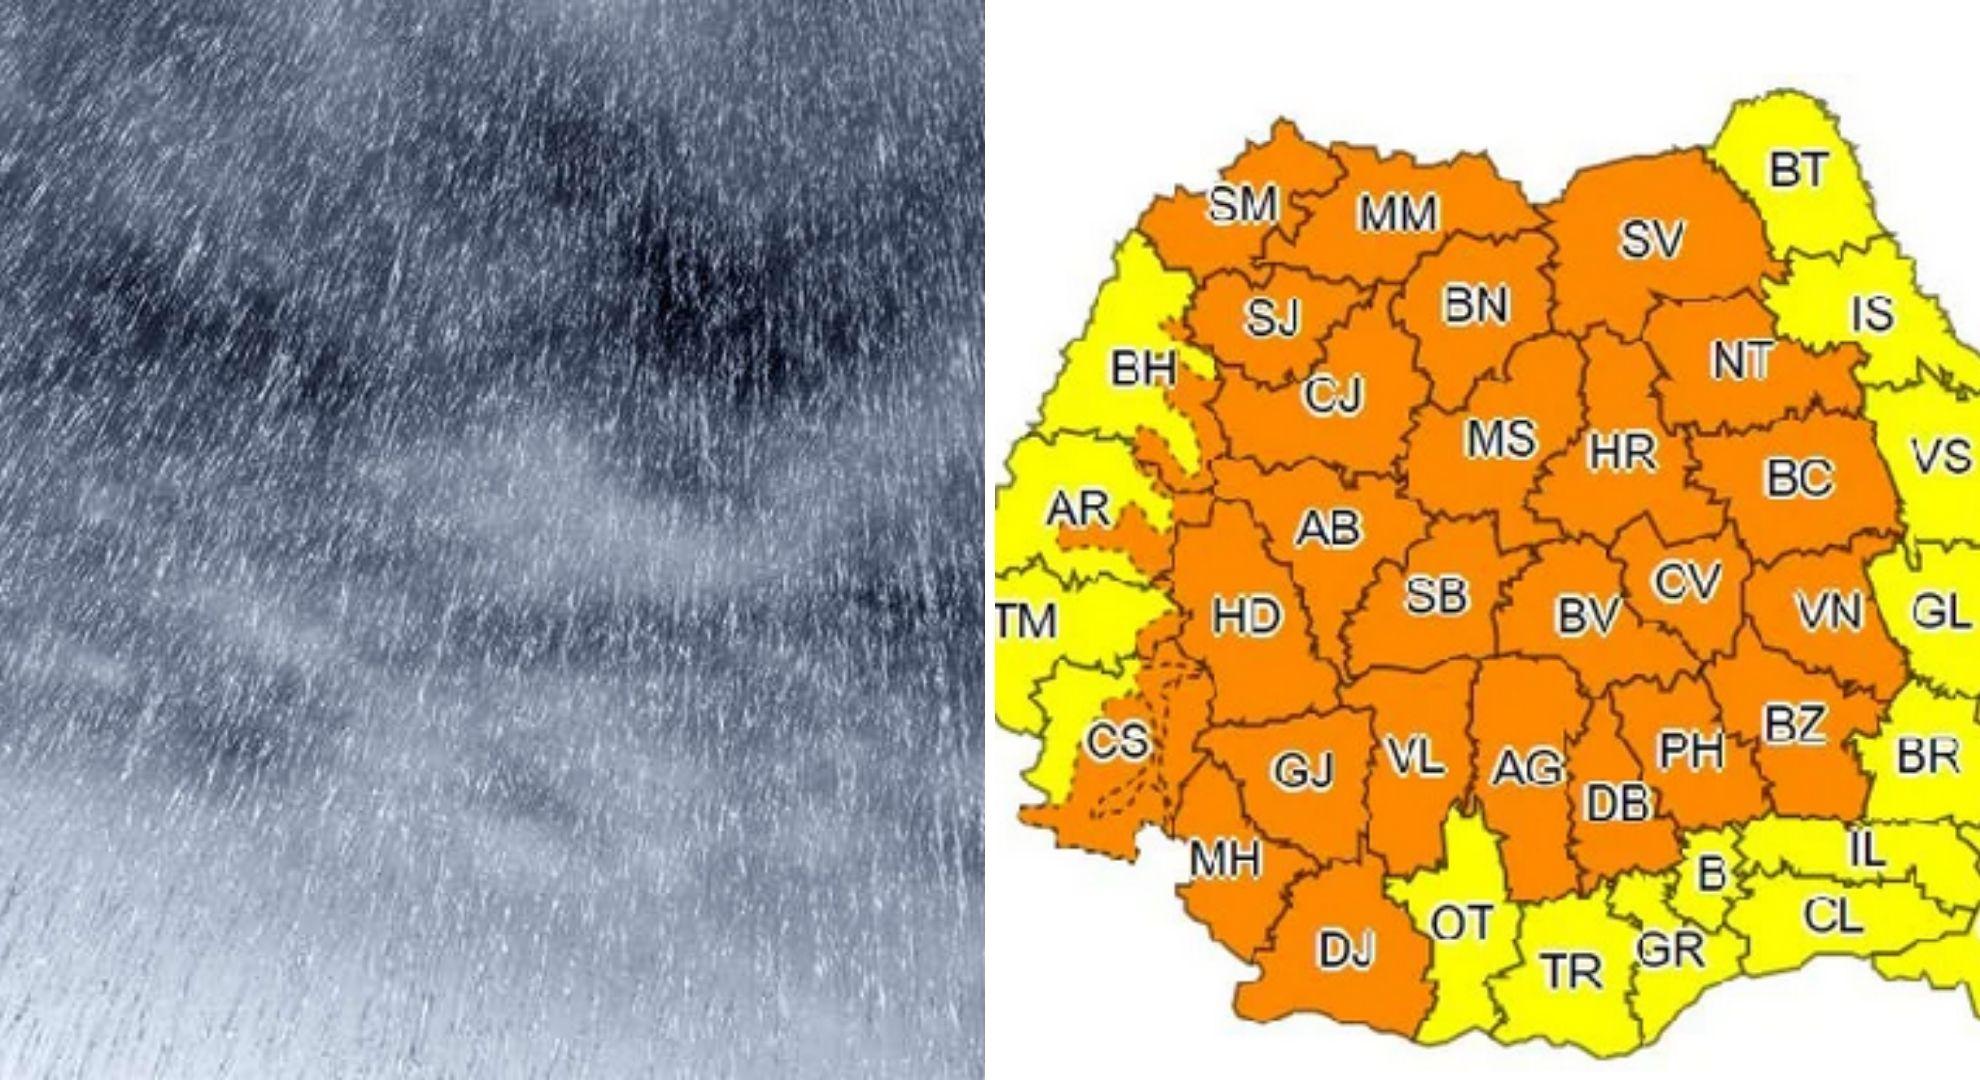 Prognoza meteo pentru București: Temperaturi de până la 38 de grade ziua și nopți tropicale